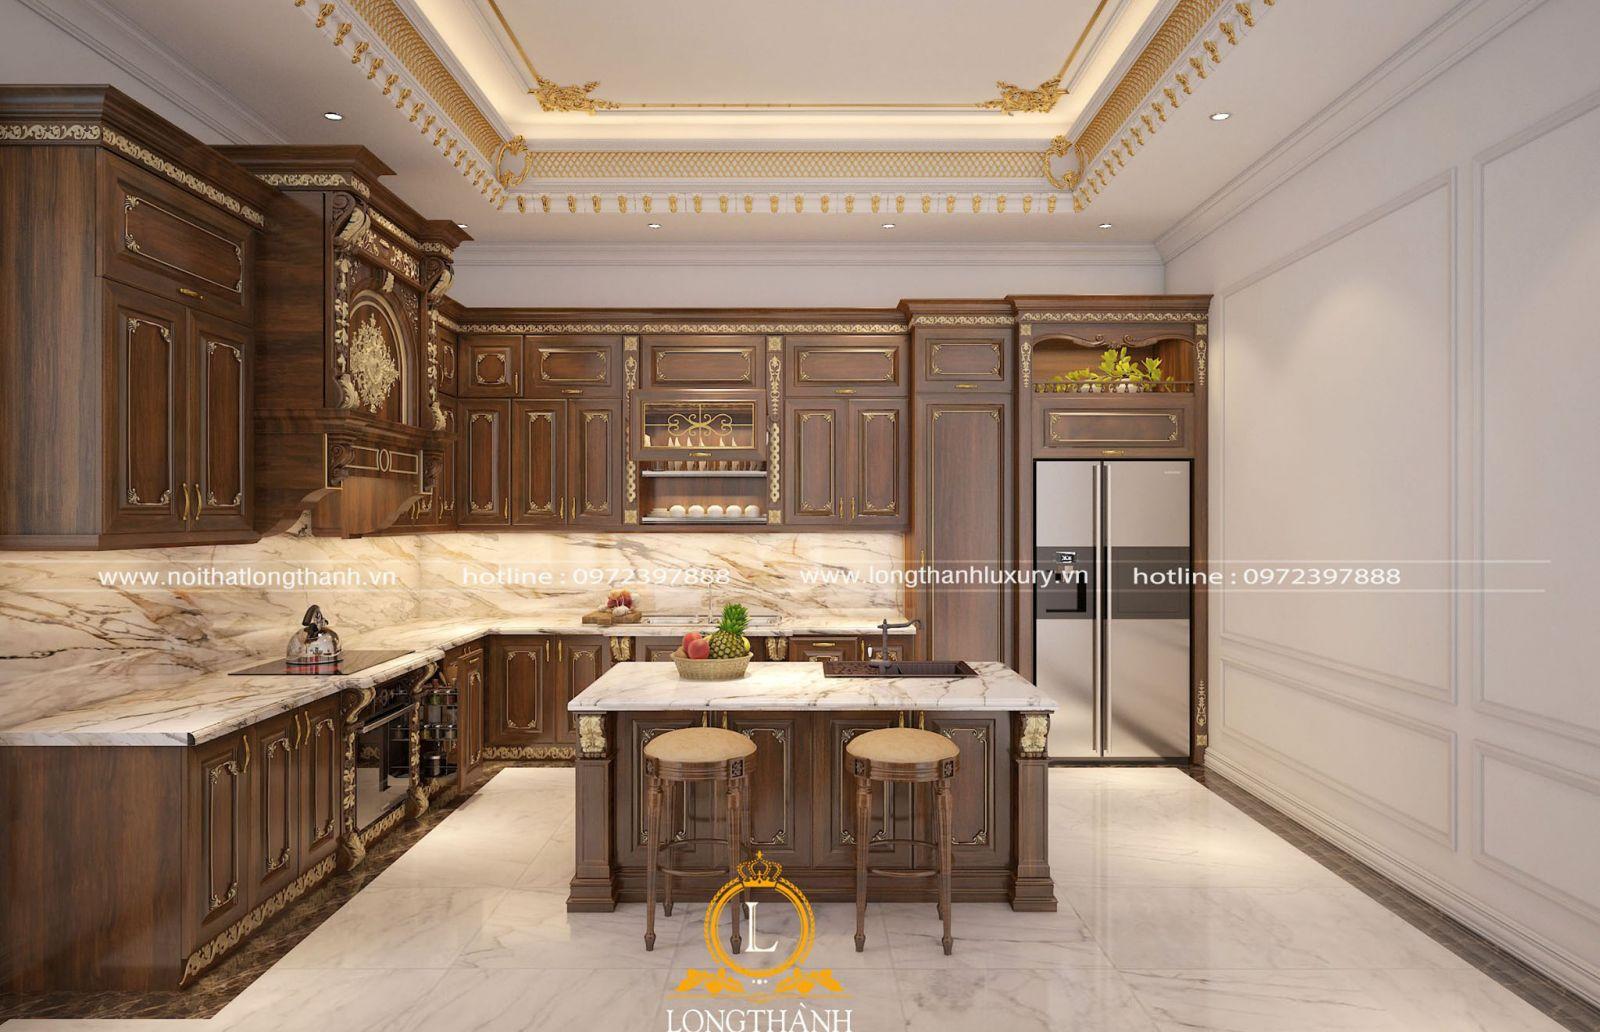 Bàn đảo tân cổ điển cho không gian phòng bếp tinh tế